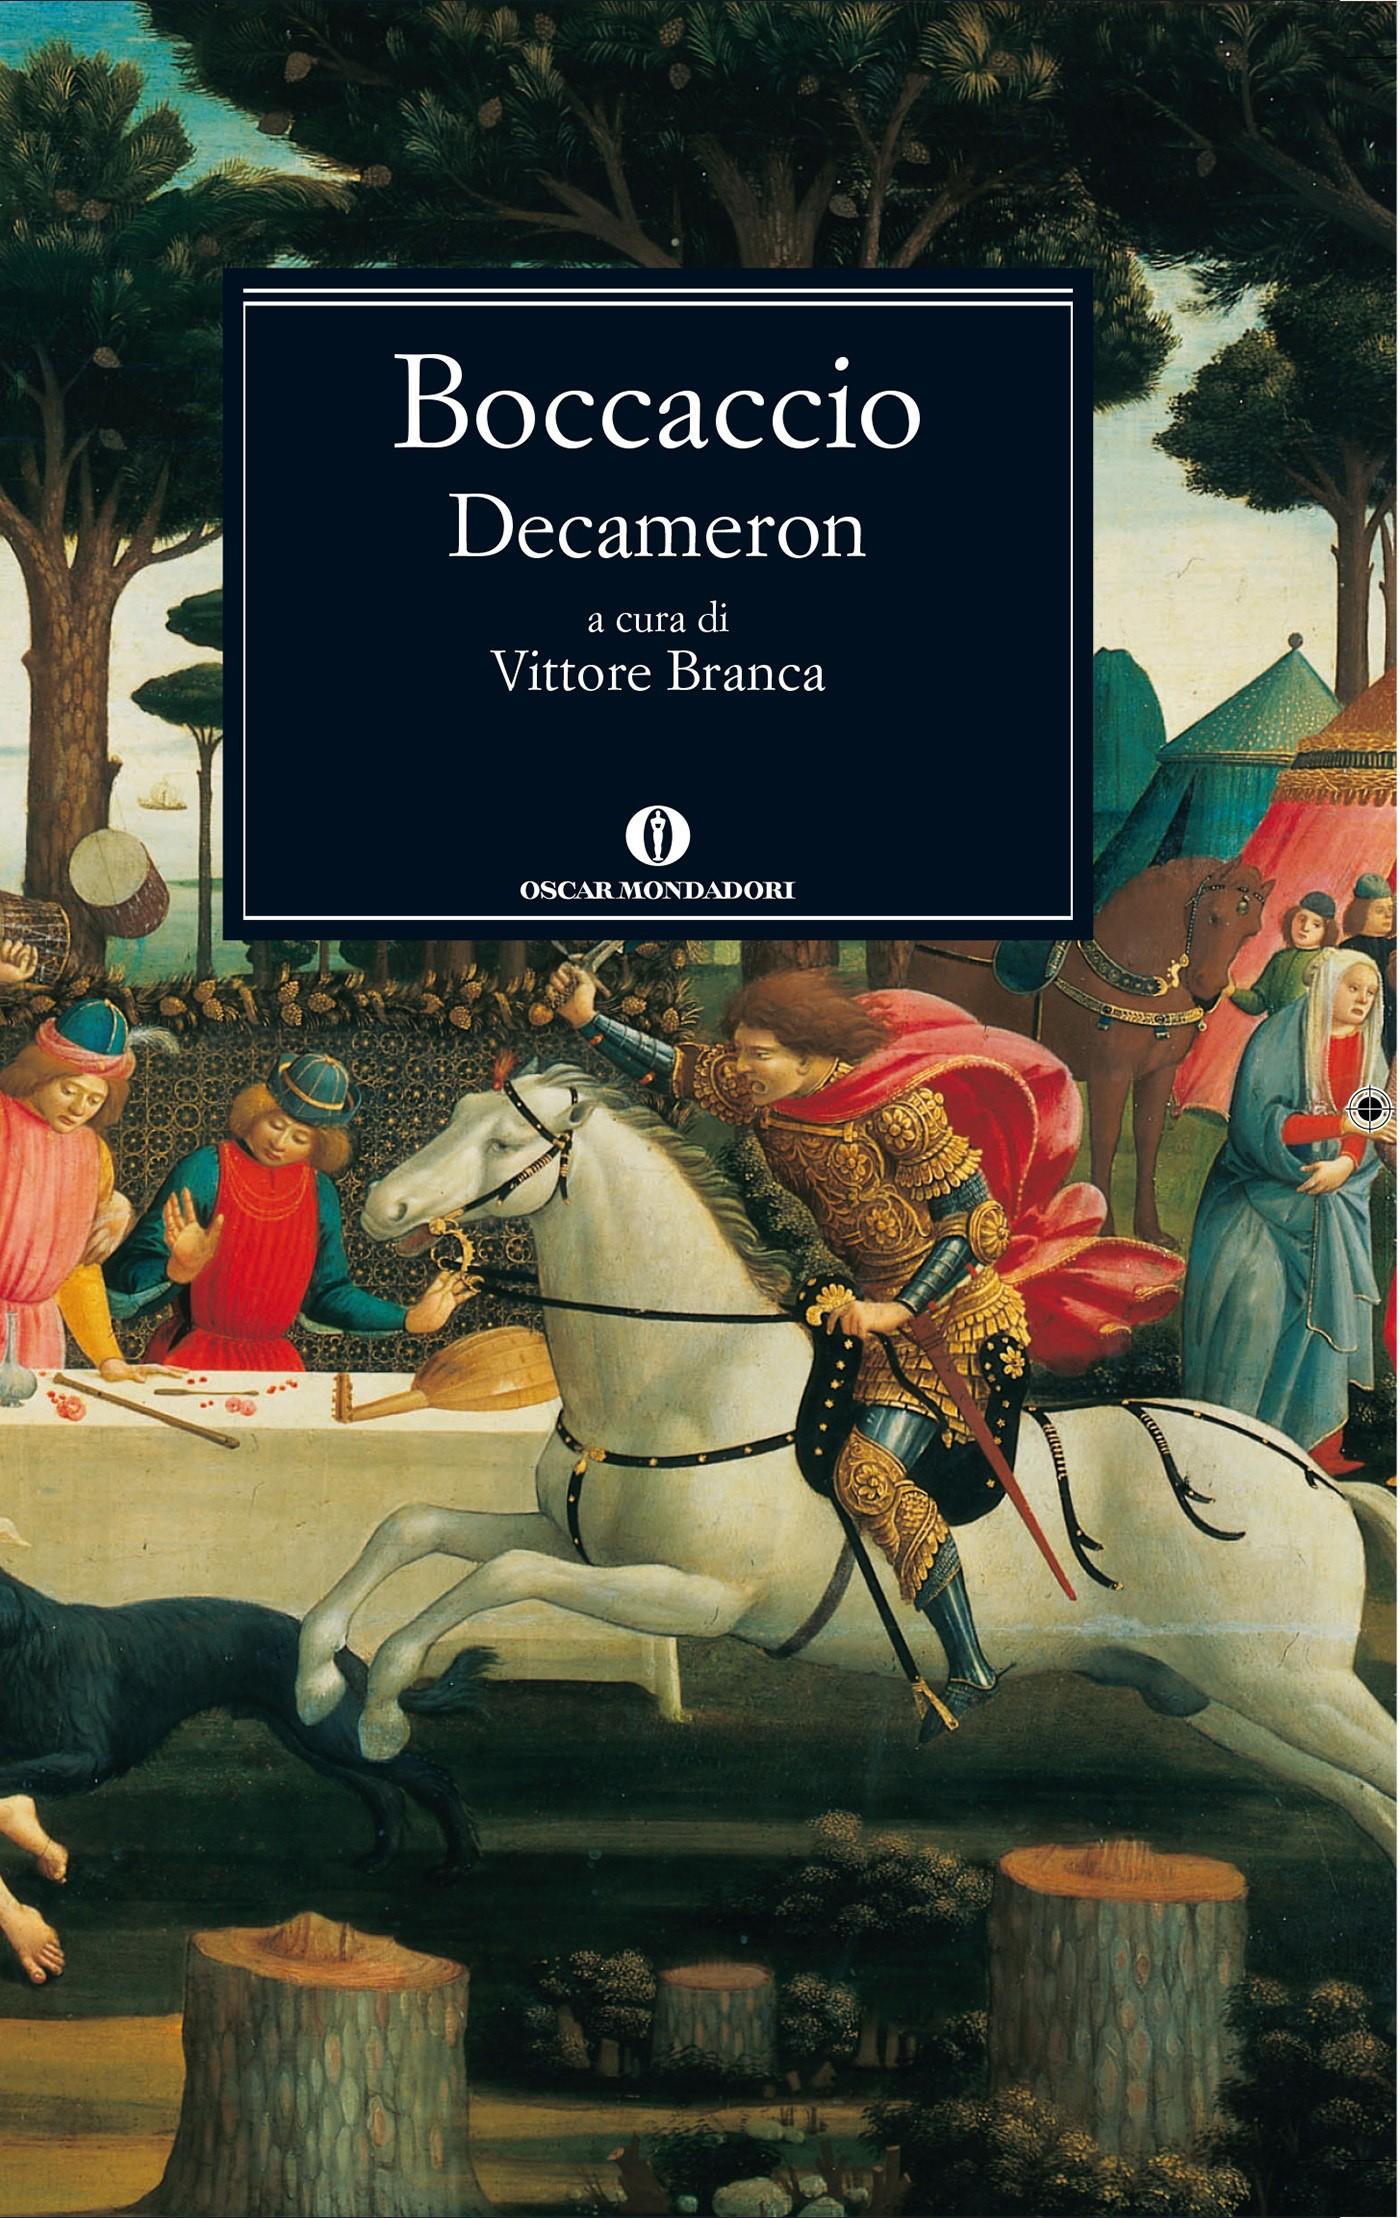 Decameron (Mondadori), Giovanni Boccaccio | Ebook Bookrepublic